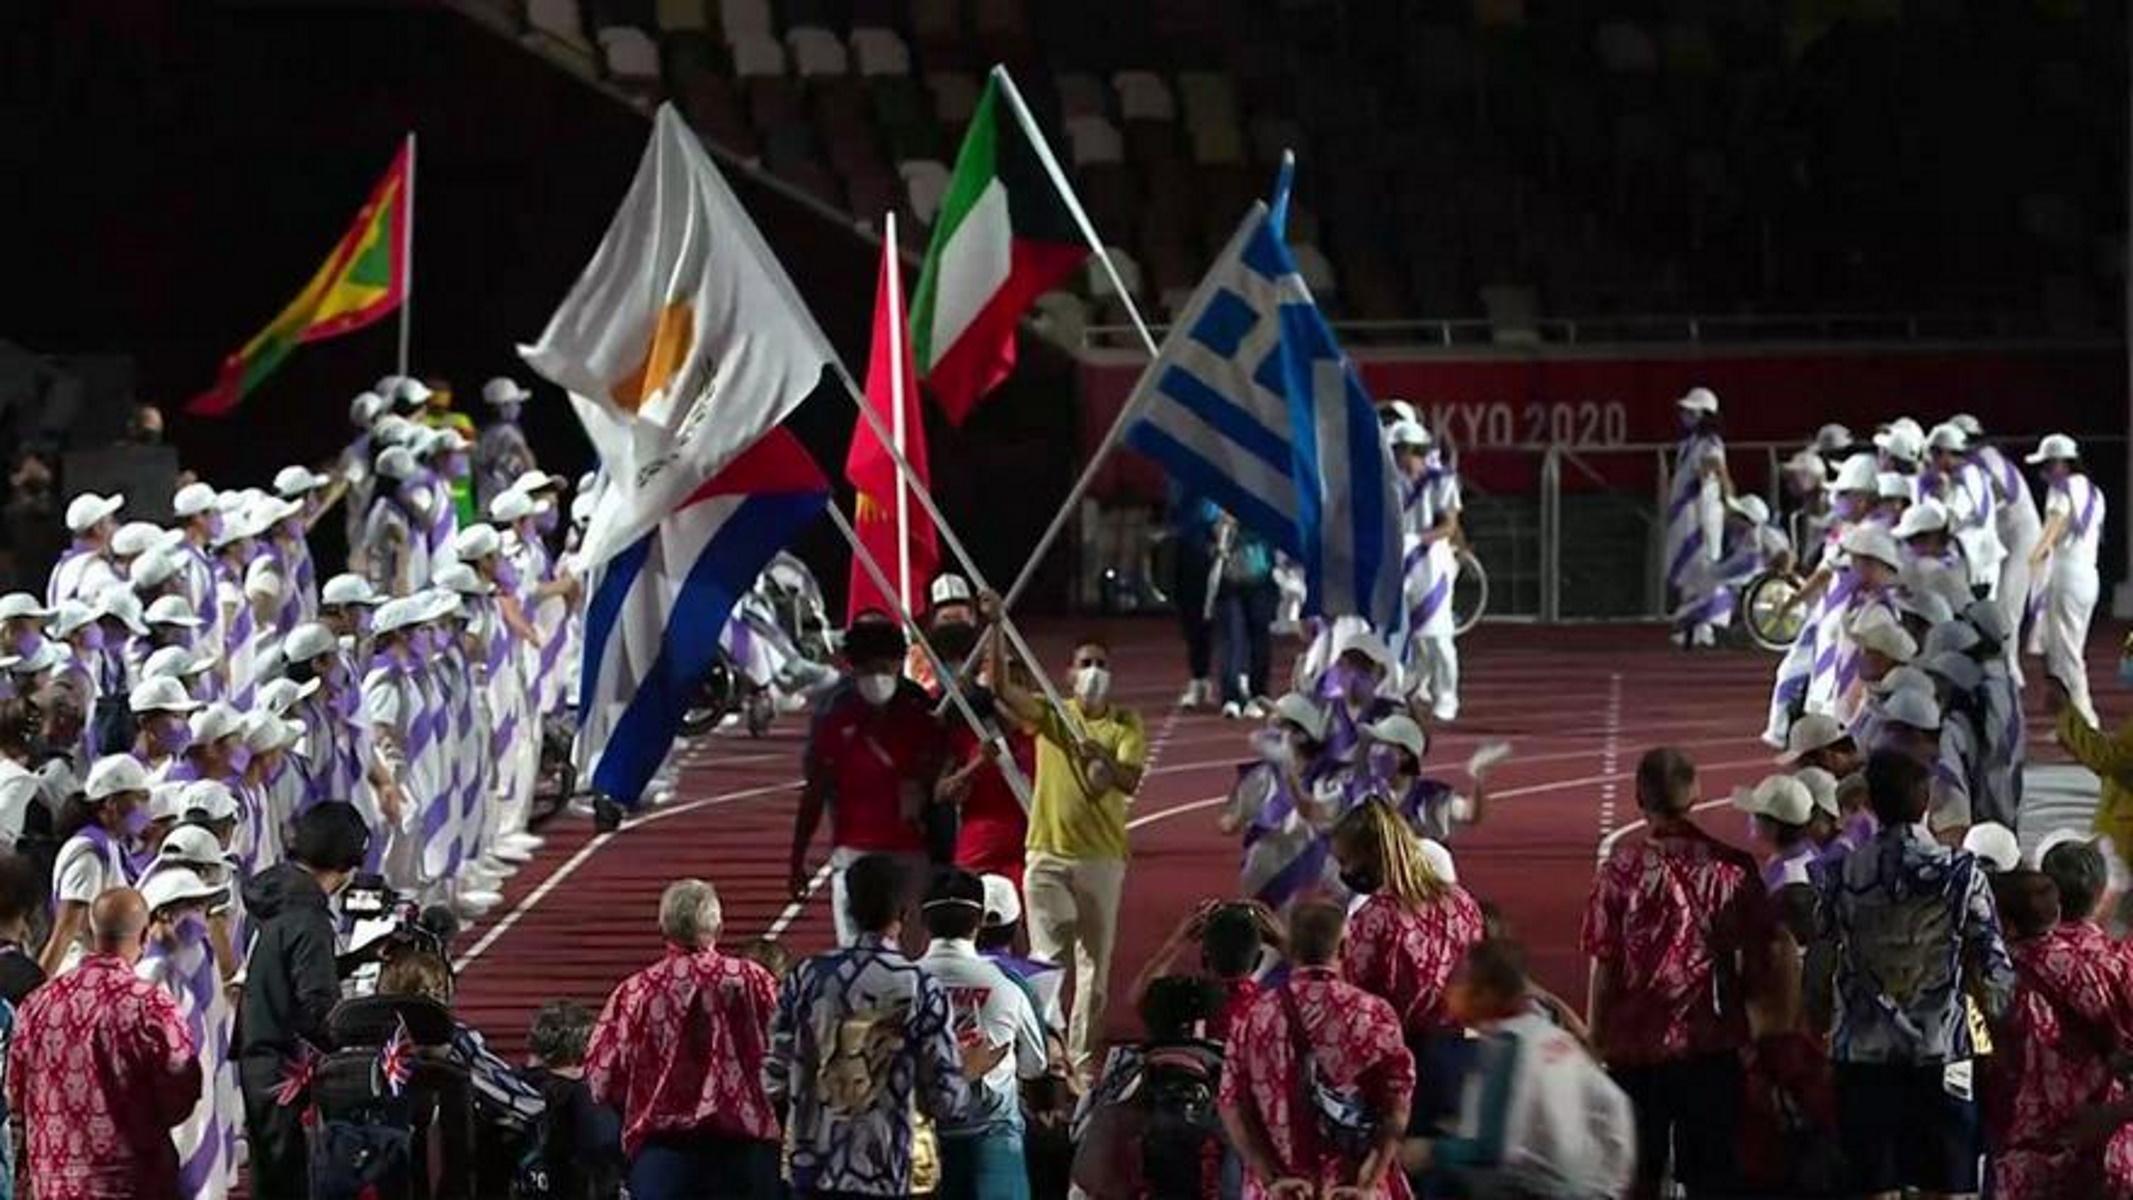 Παραολυμπιακοί Αγώνες: Η είσοδος της Ελλάδας και της Κύπρου στην τελετή λήξης